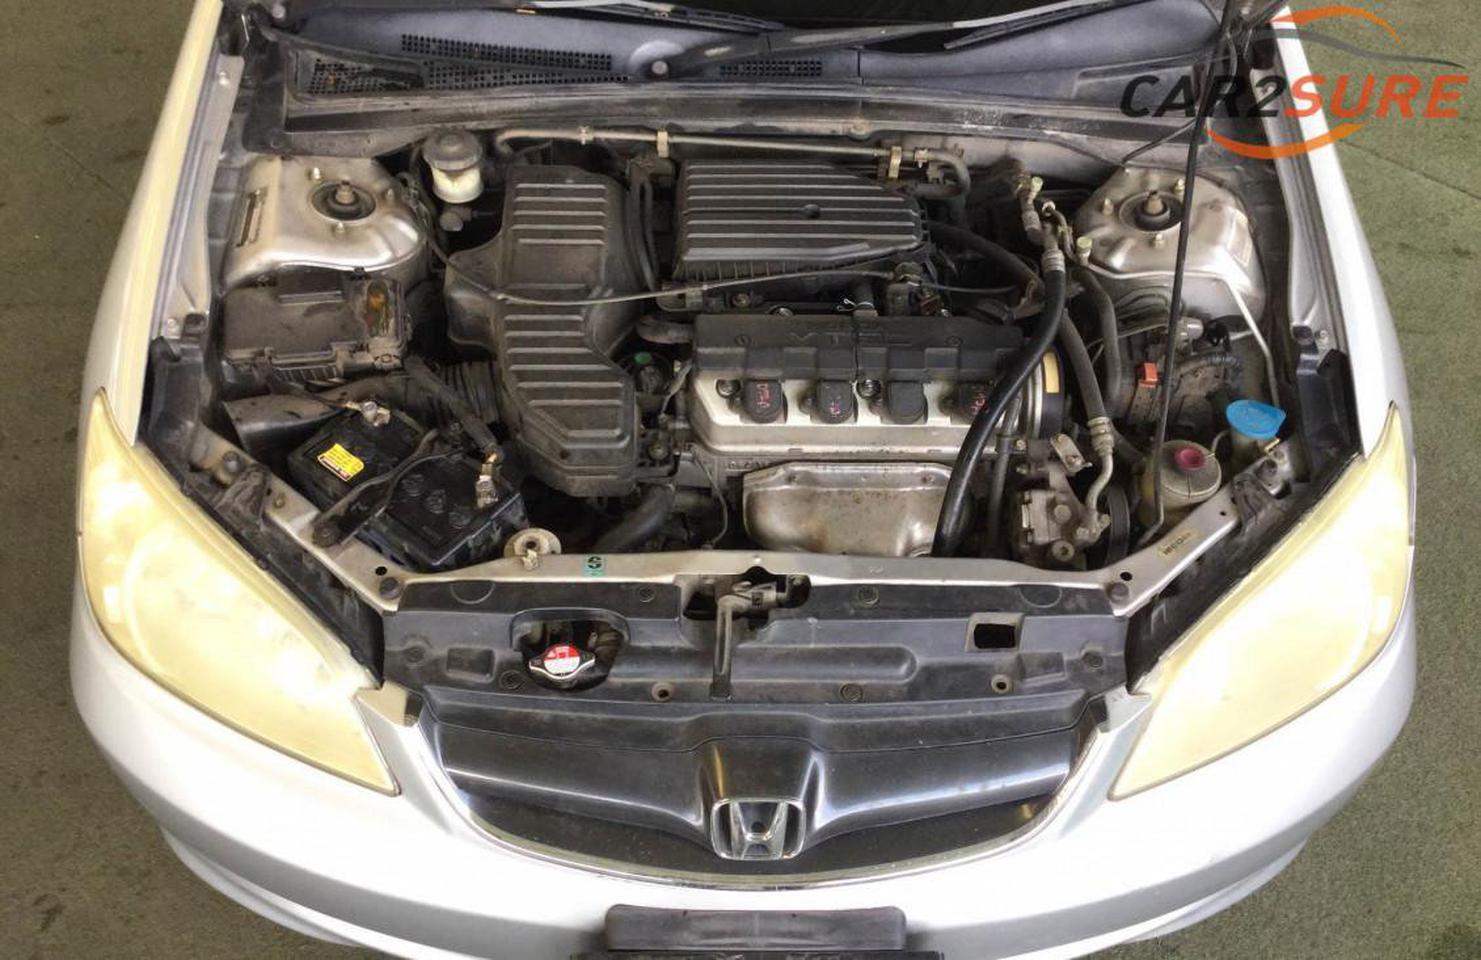 Honda civic car2sure.5) รูปที่ 4